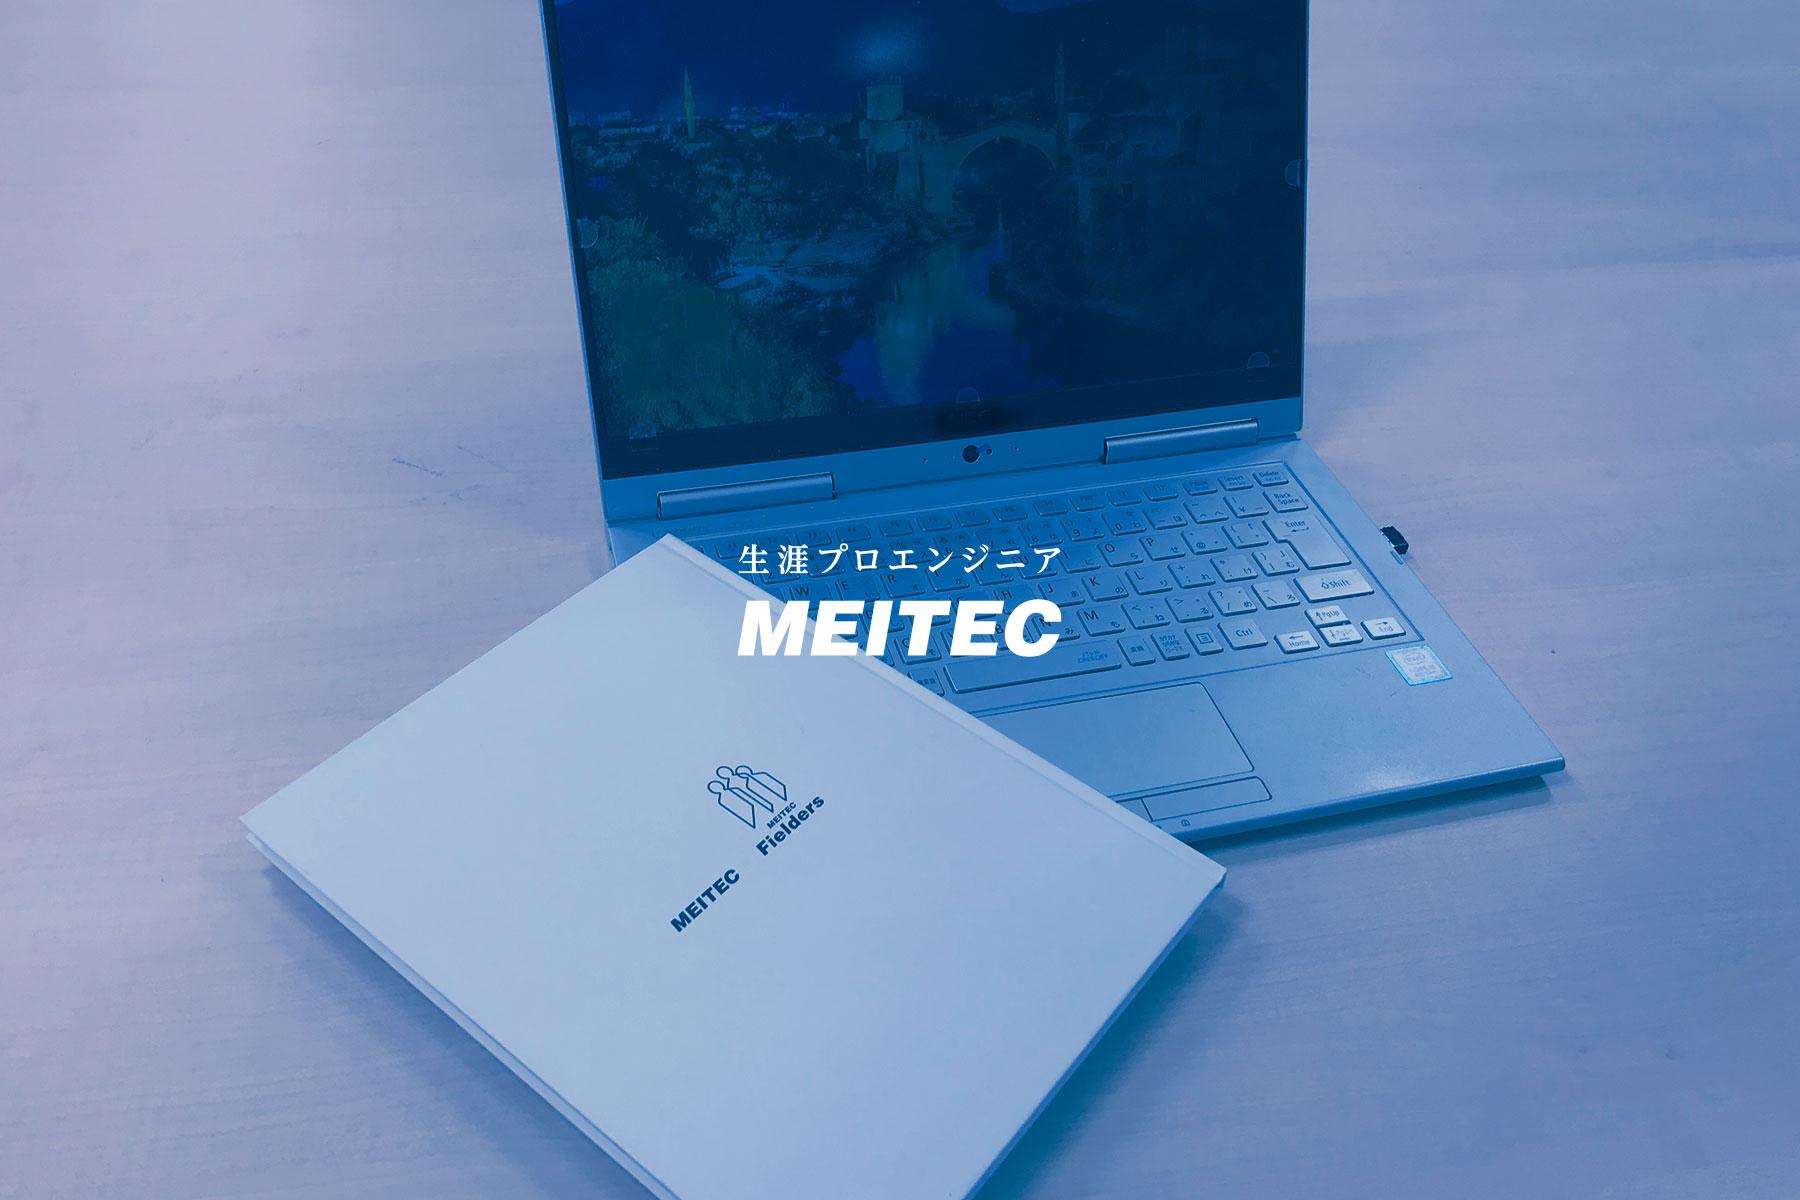 株式会社メイテックフィルダーズのトップ画像